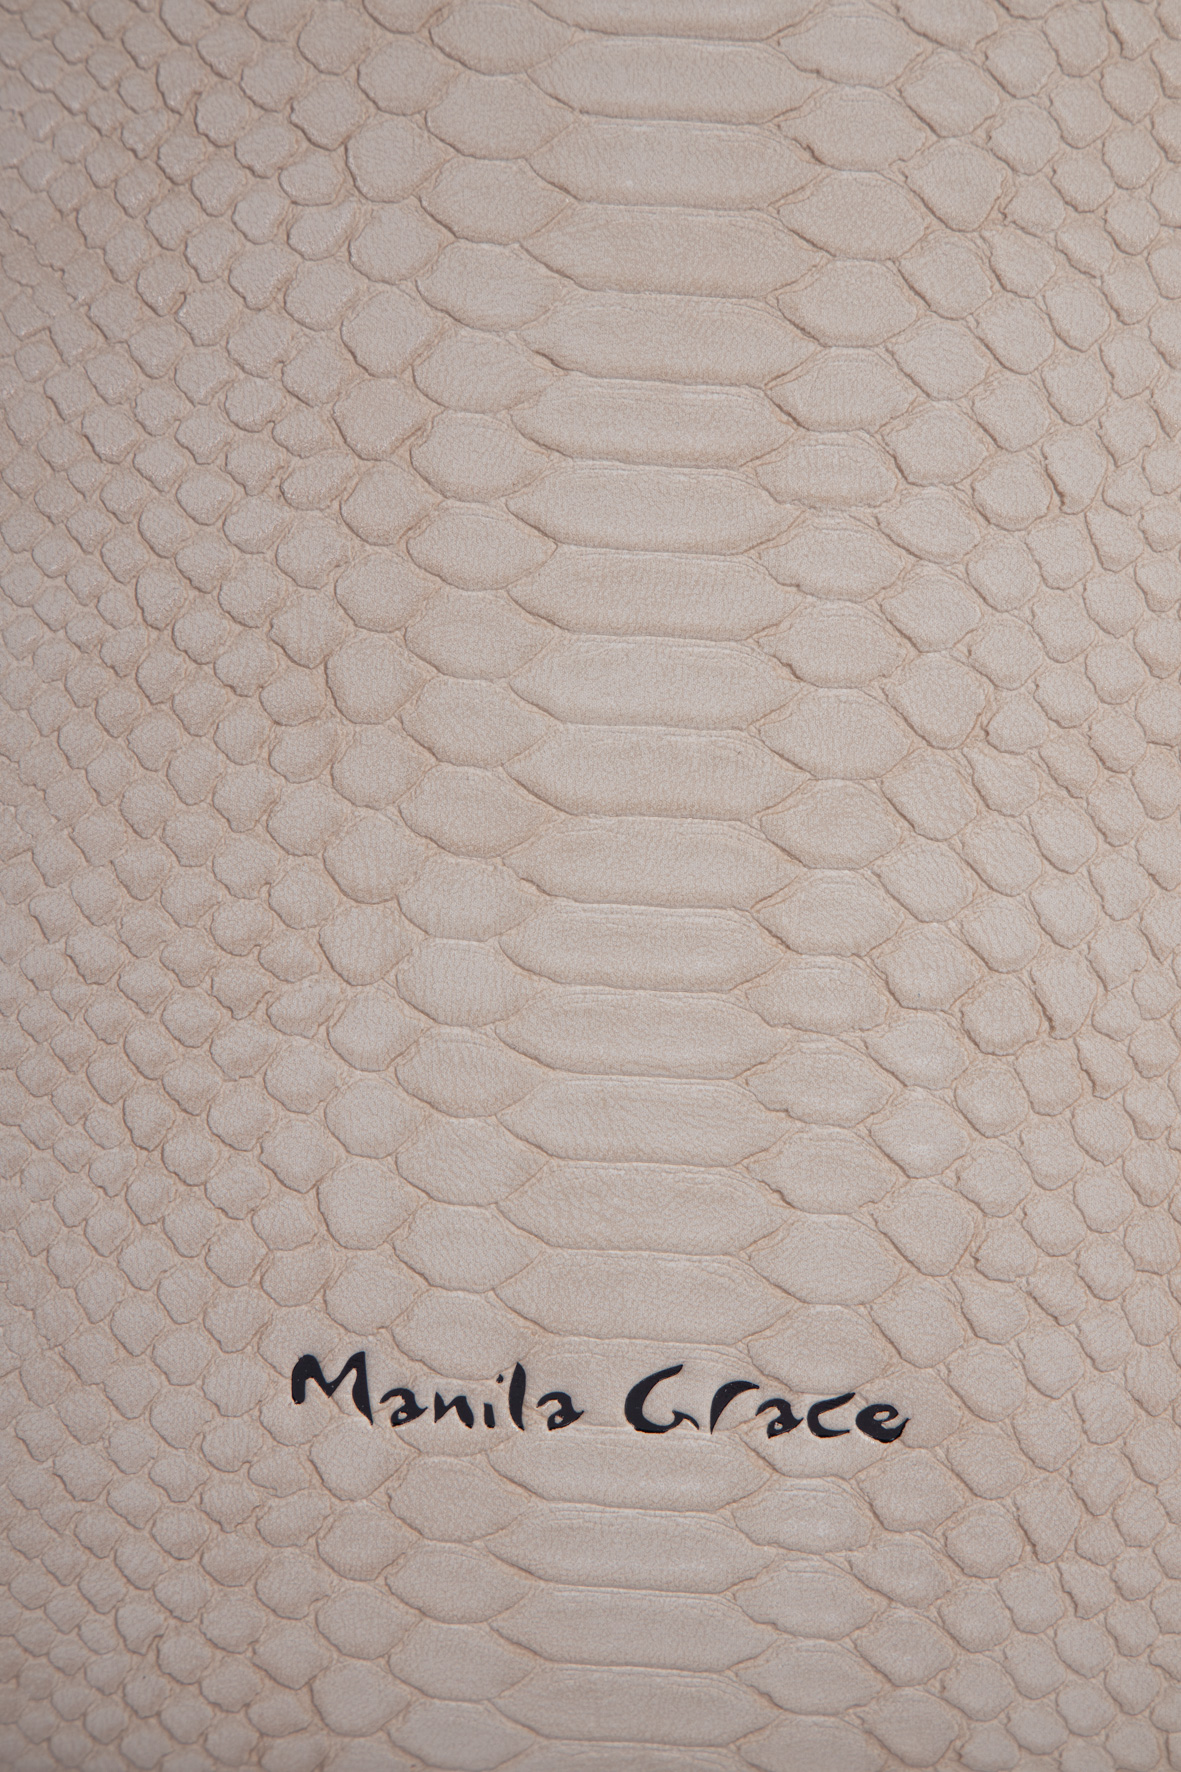 BORSA DAISY HOBO PITONATA Manila Grace | Borsa | B212EUMA042